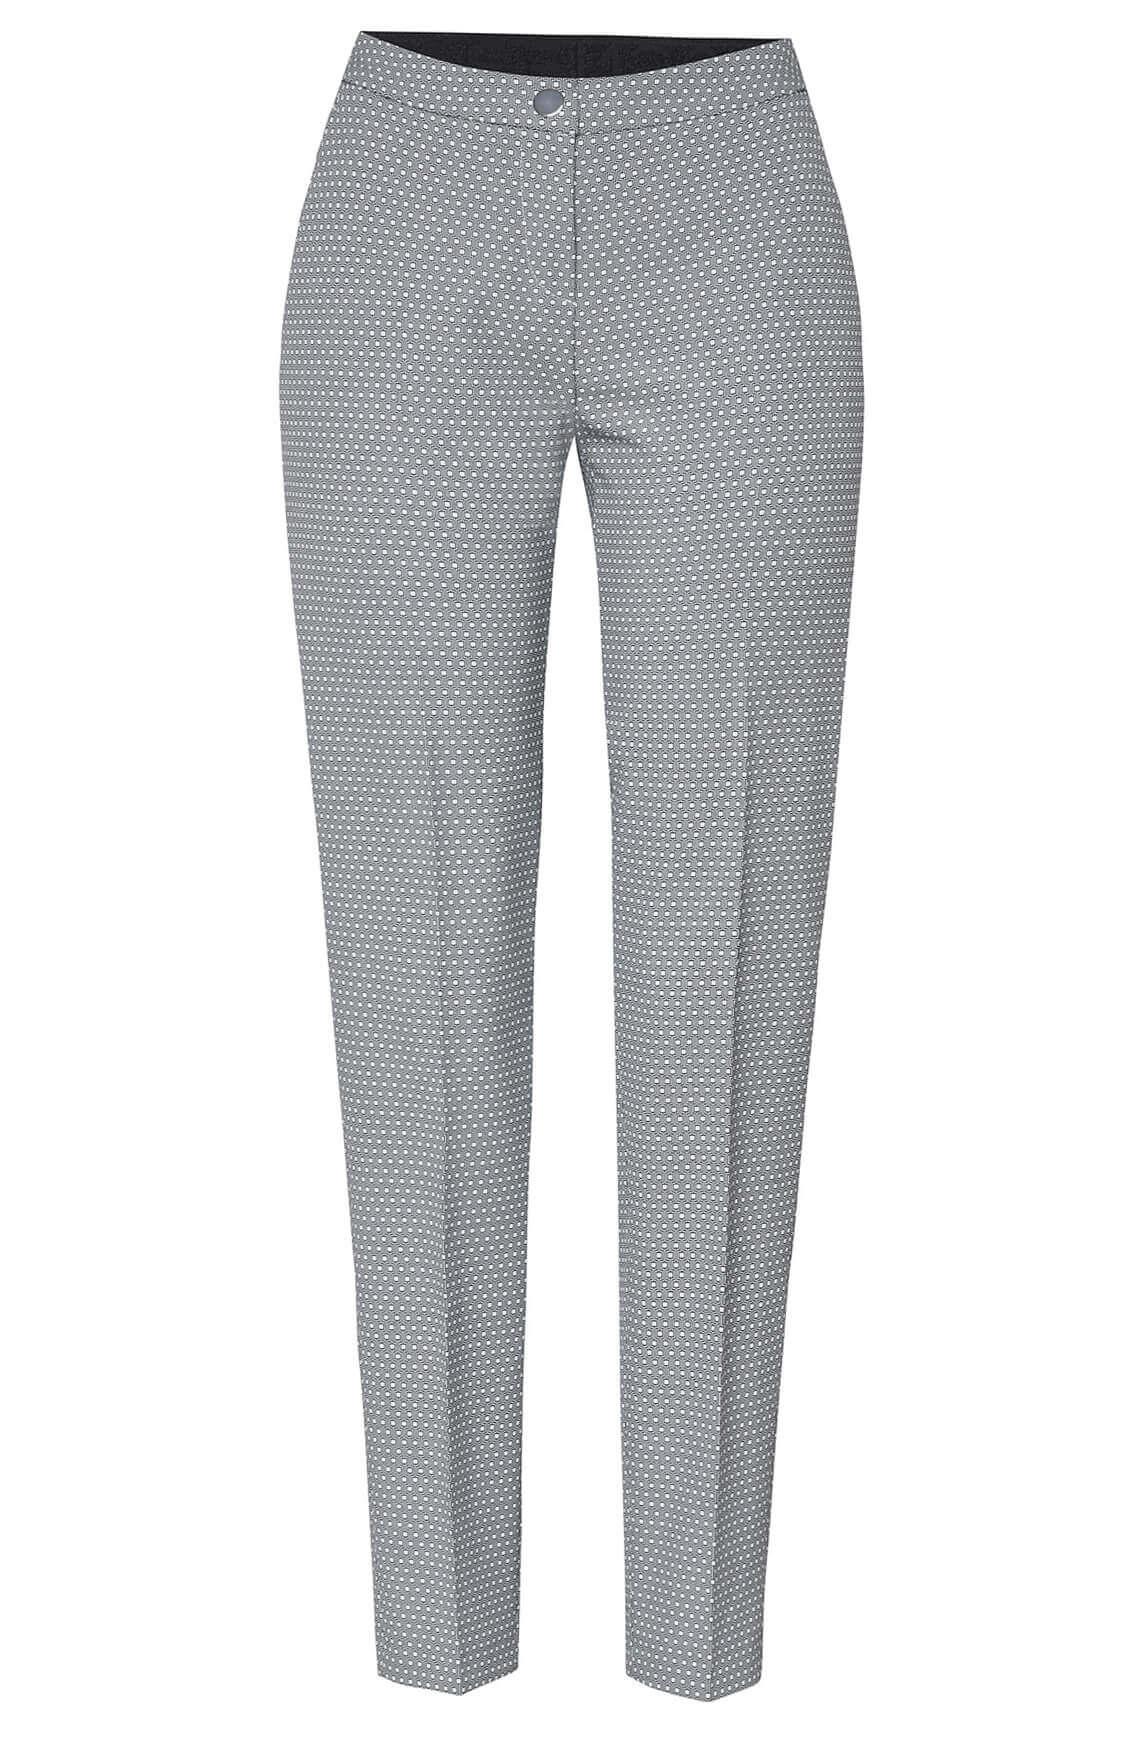 Rosner Dames Alisa pantalon met grafische print zwart